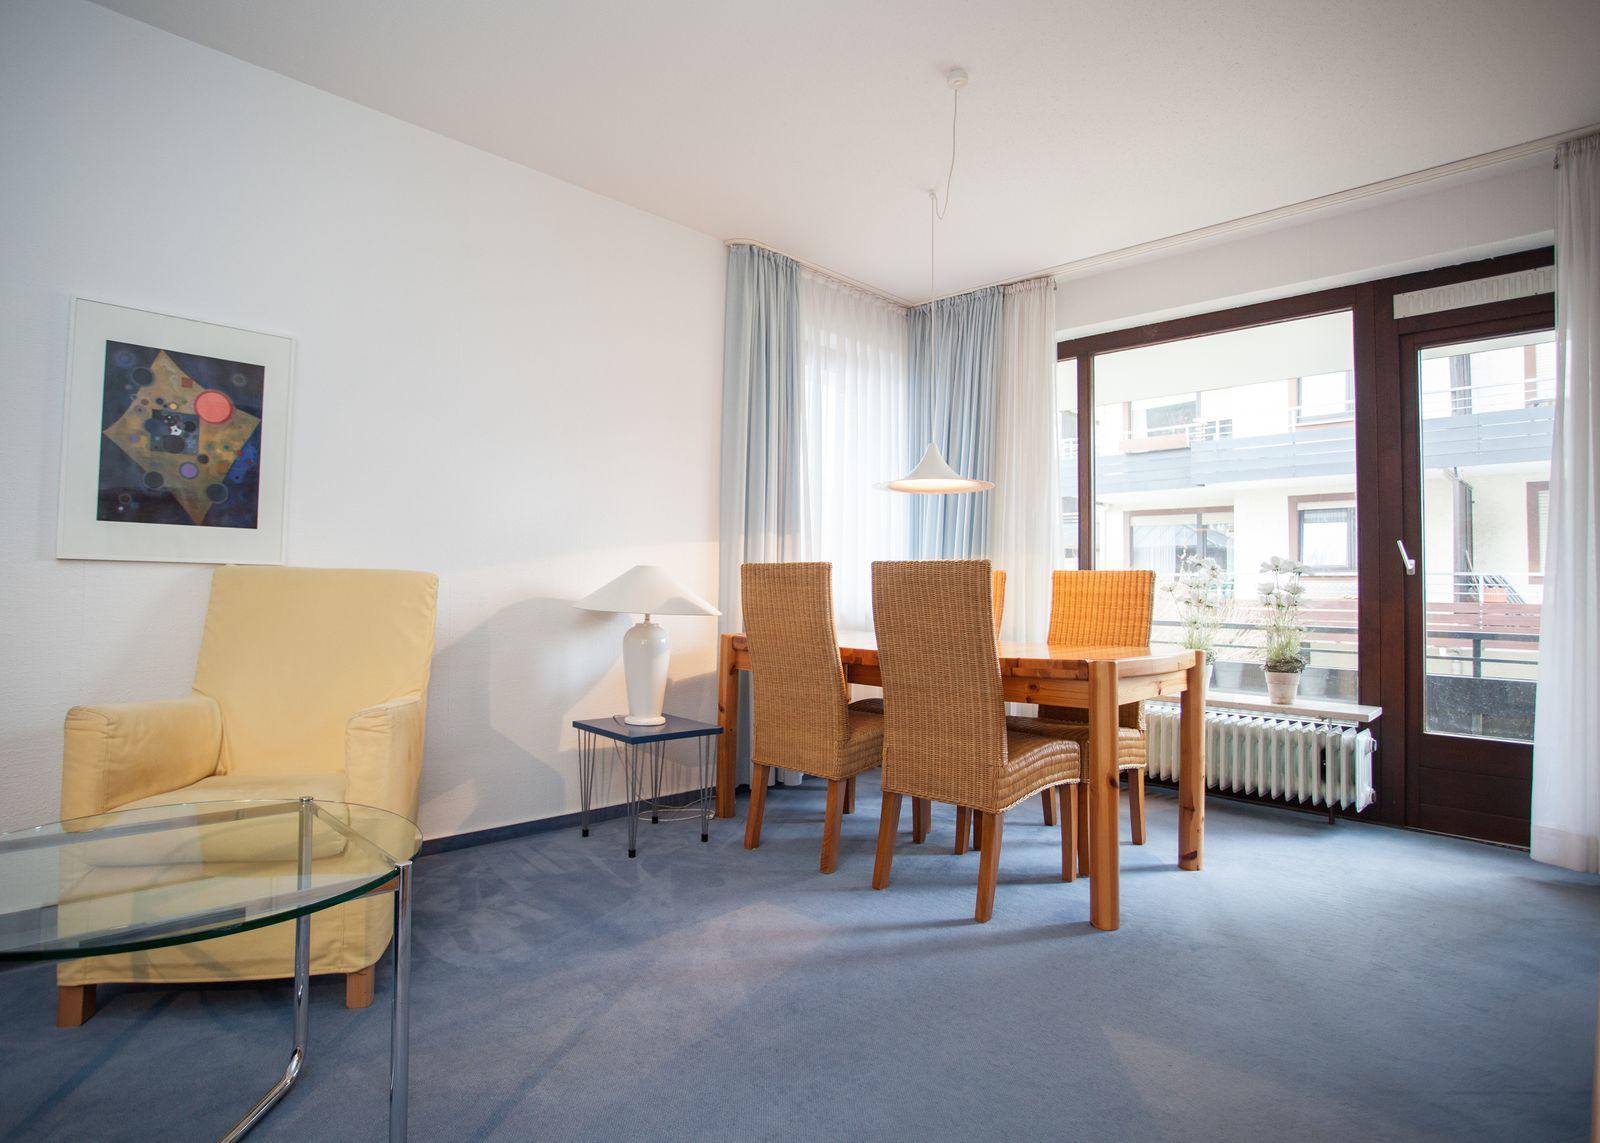 Appartement Am Waltenberg 59-F